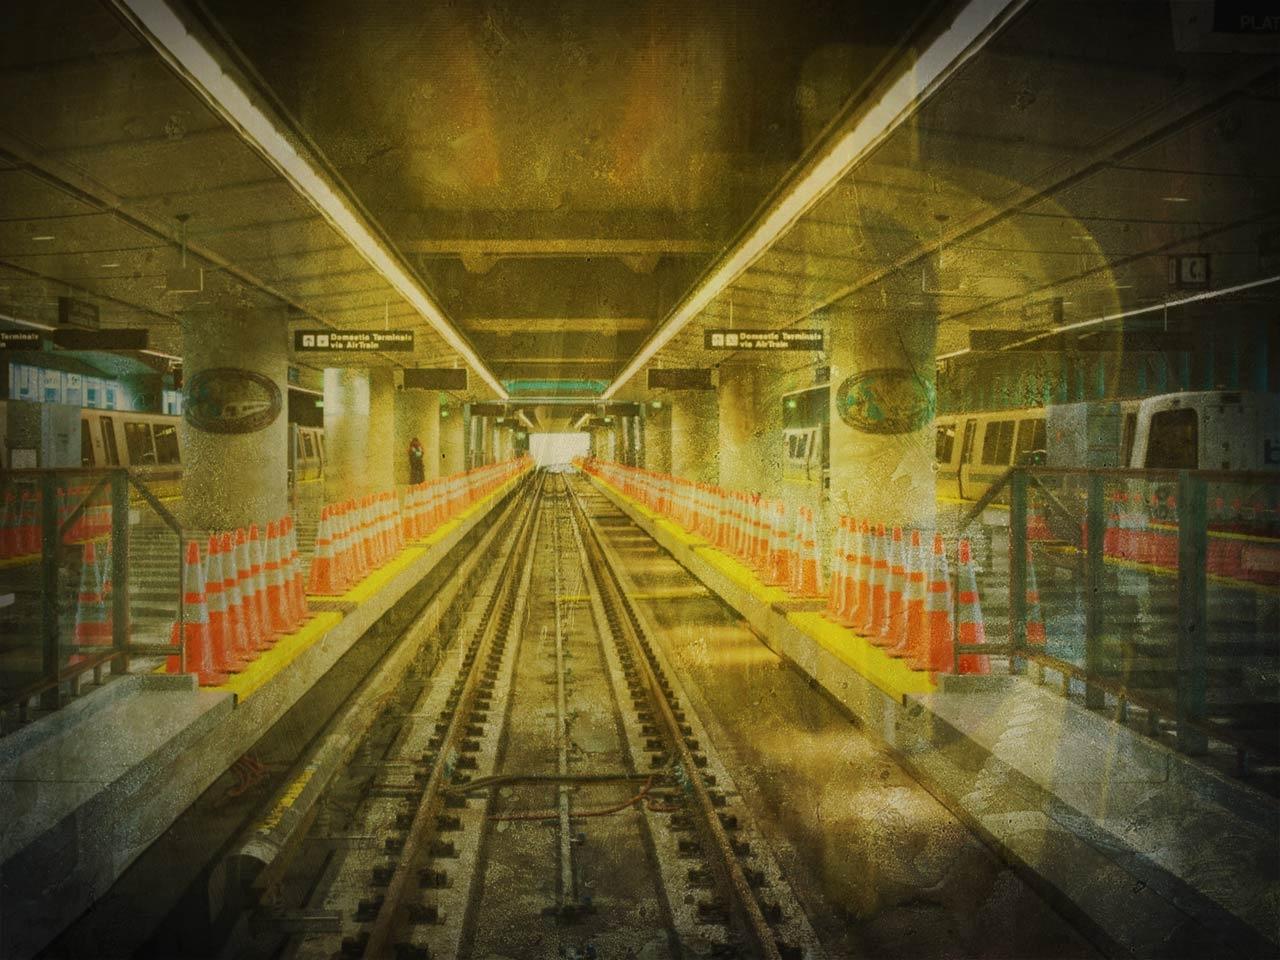 subways_1559252201835.jpg